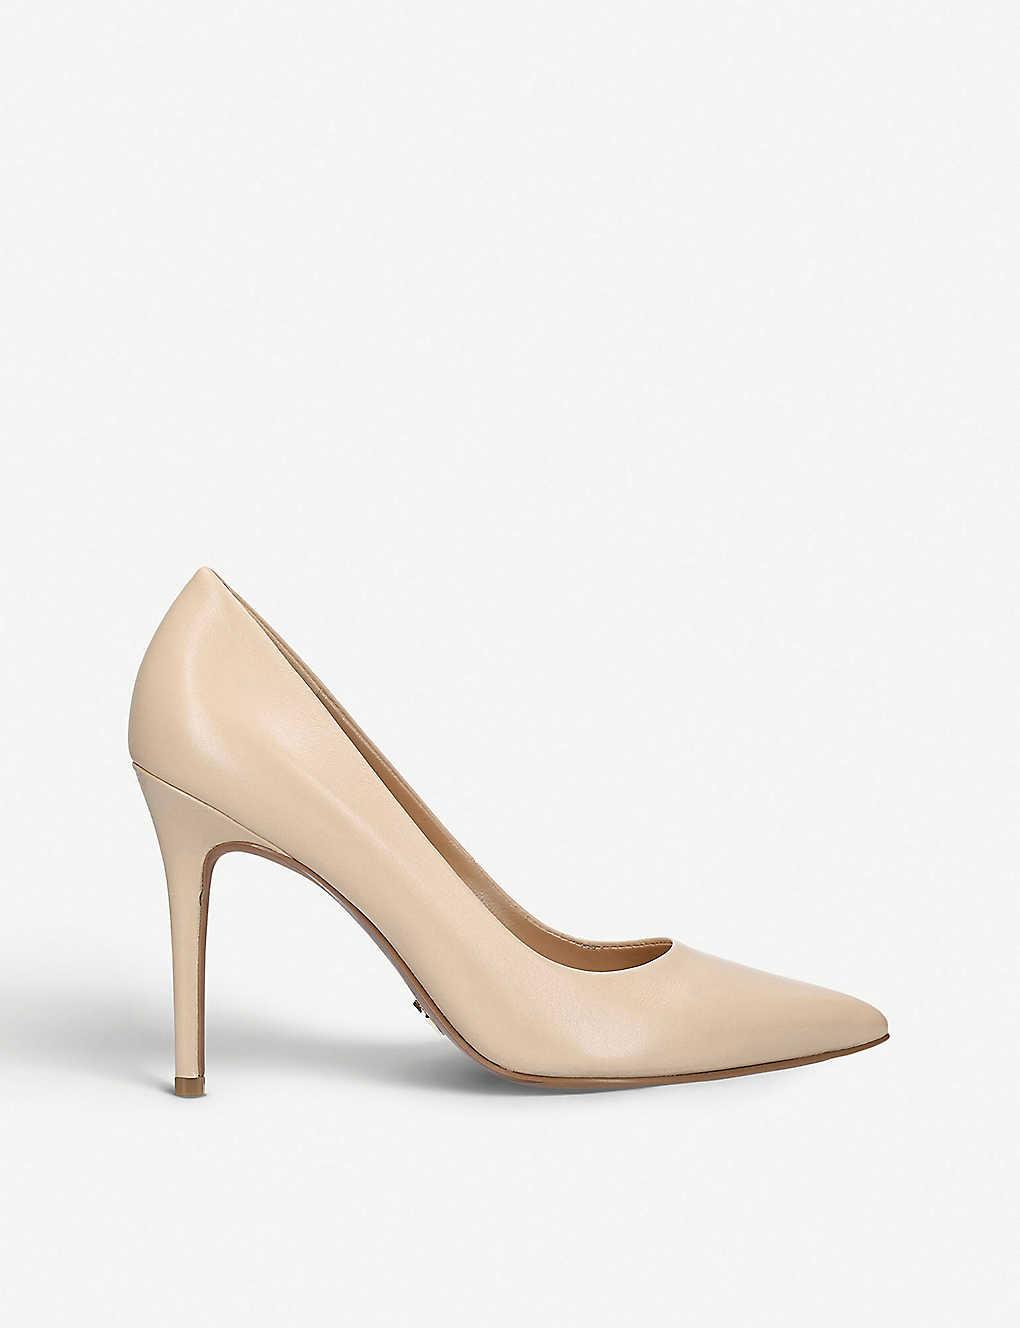 e0880ff84587 MICHAEL MICHAEL KORS - Claire leather court shoes